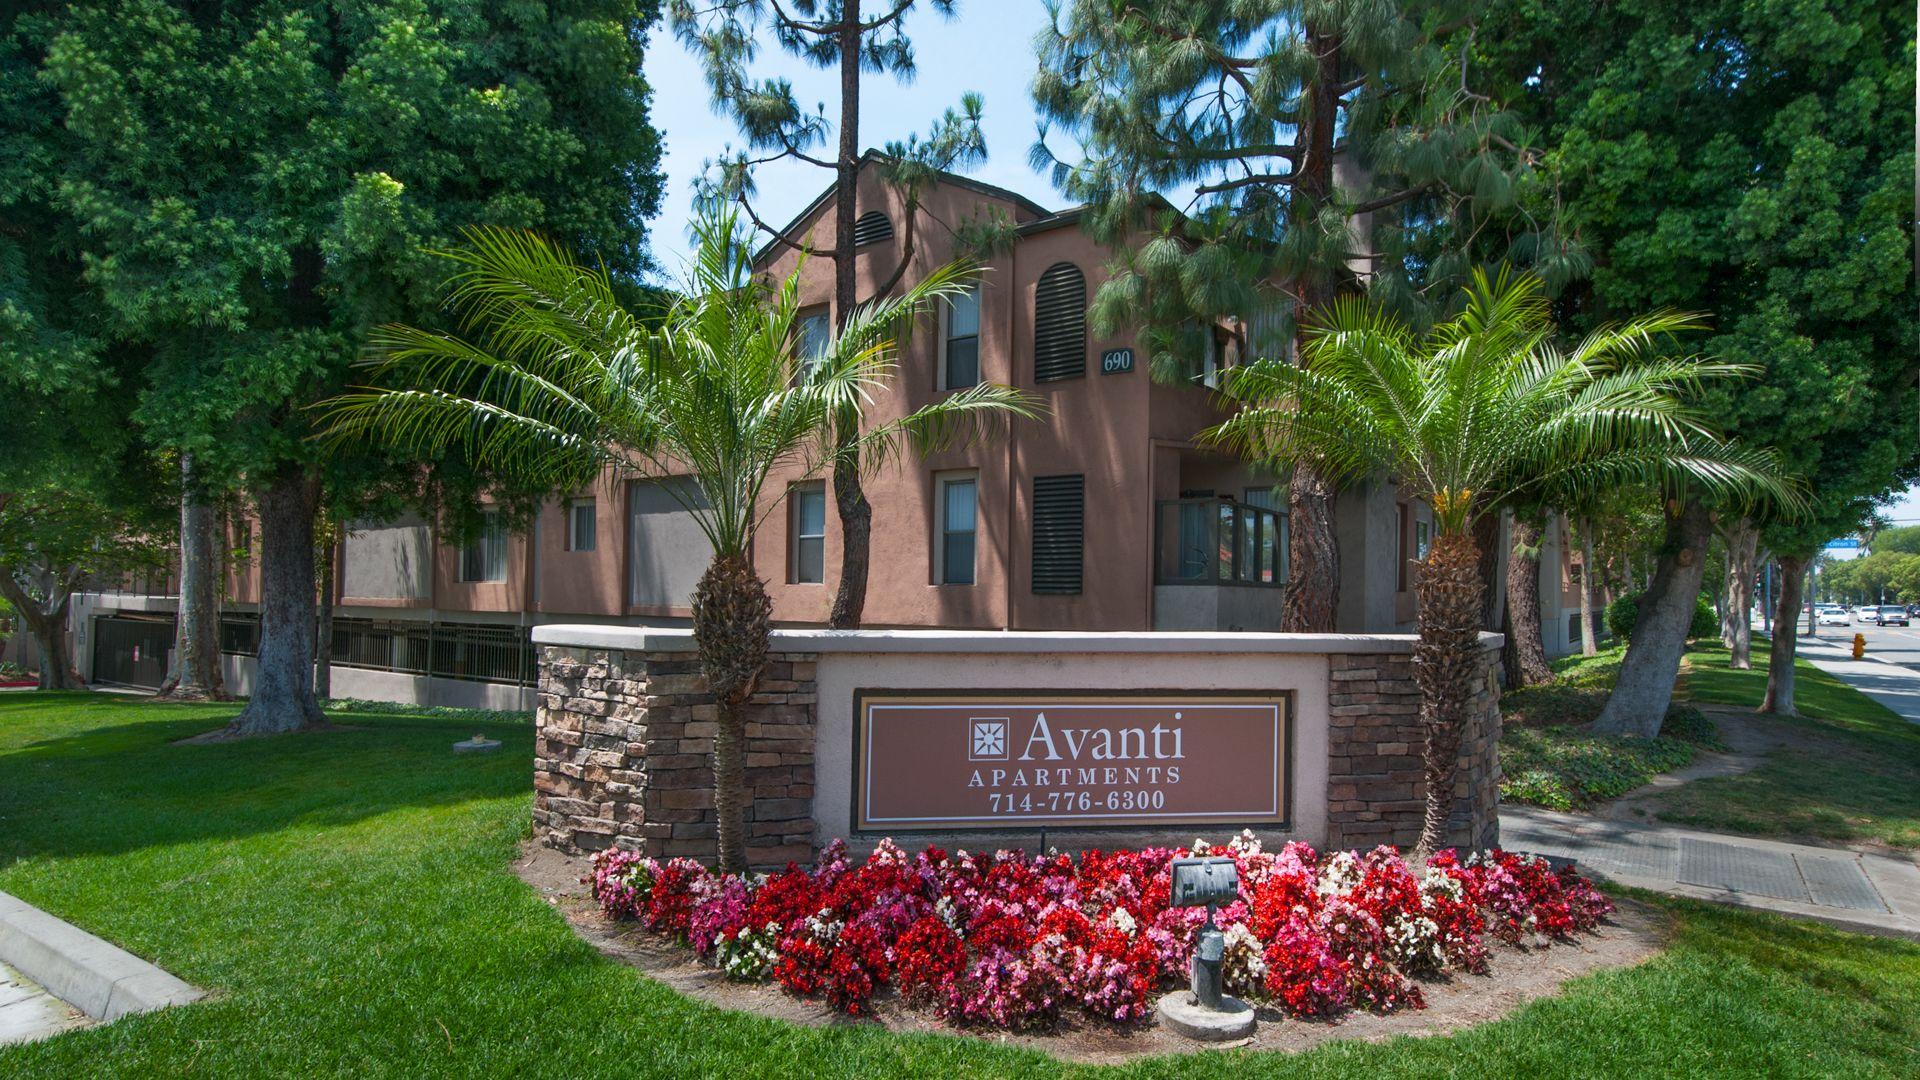 Avanti Apartments - Entrance